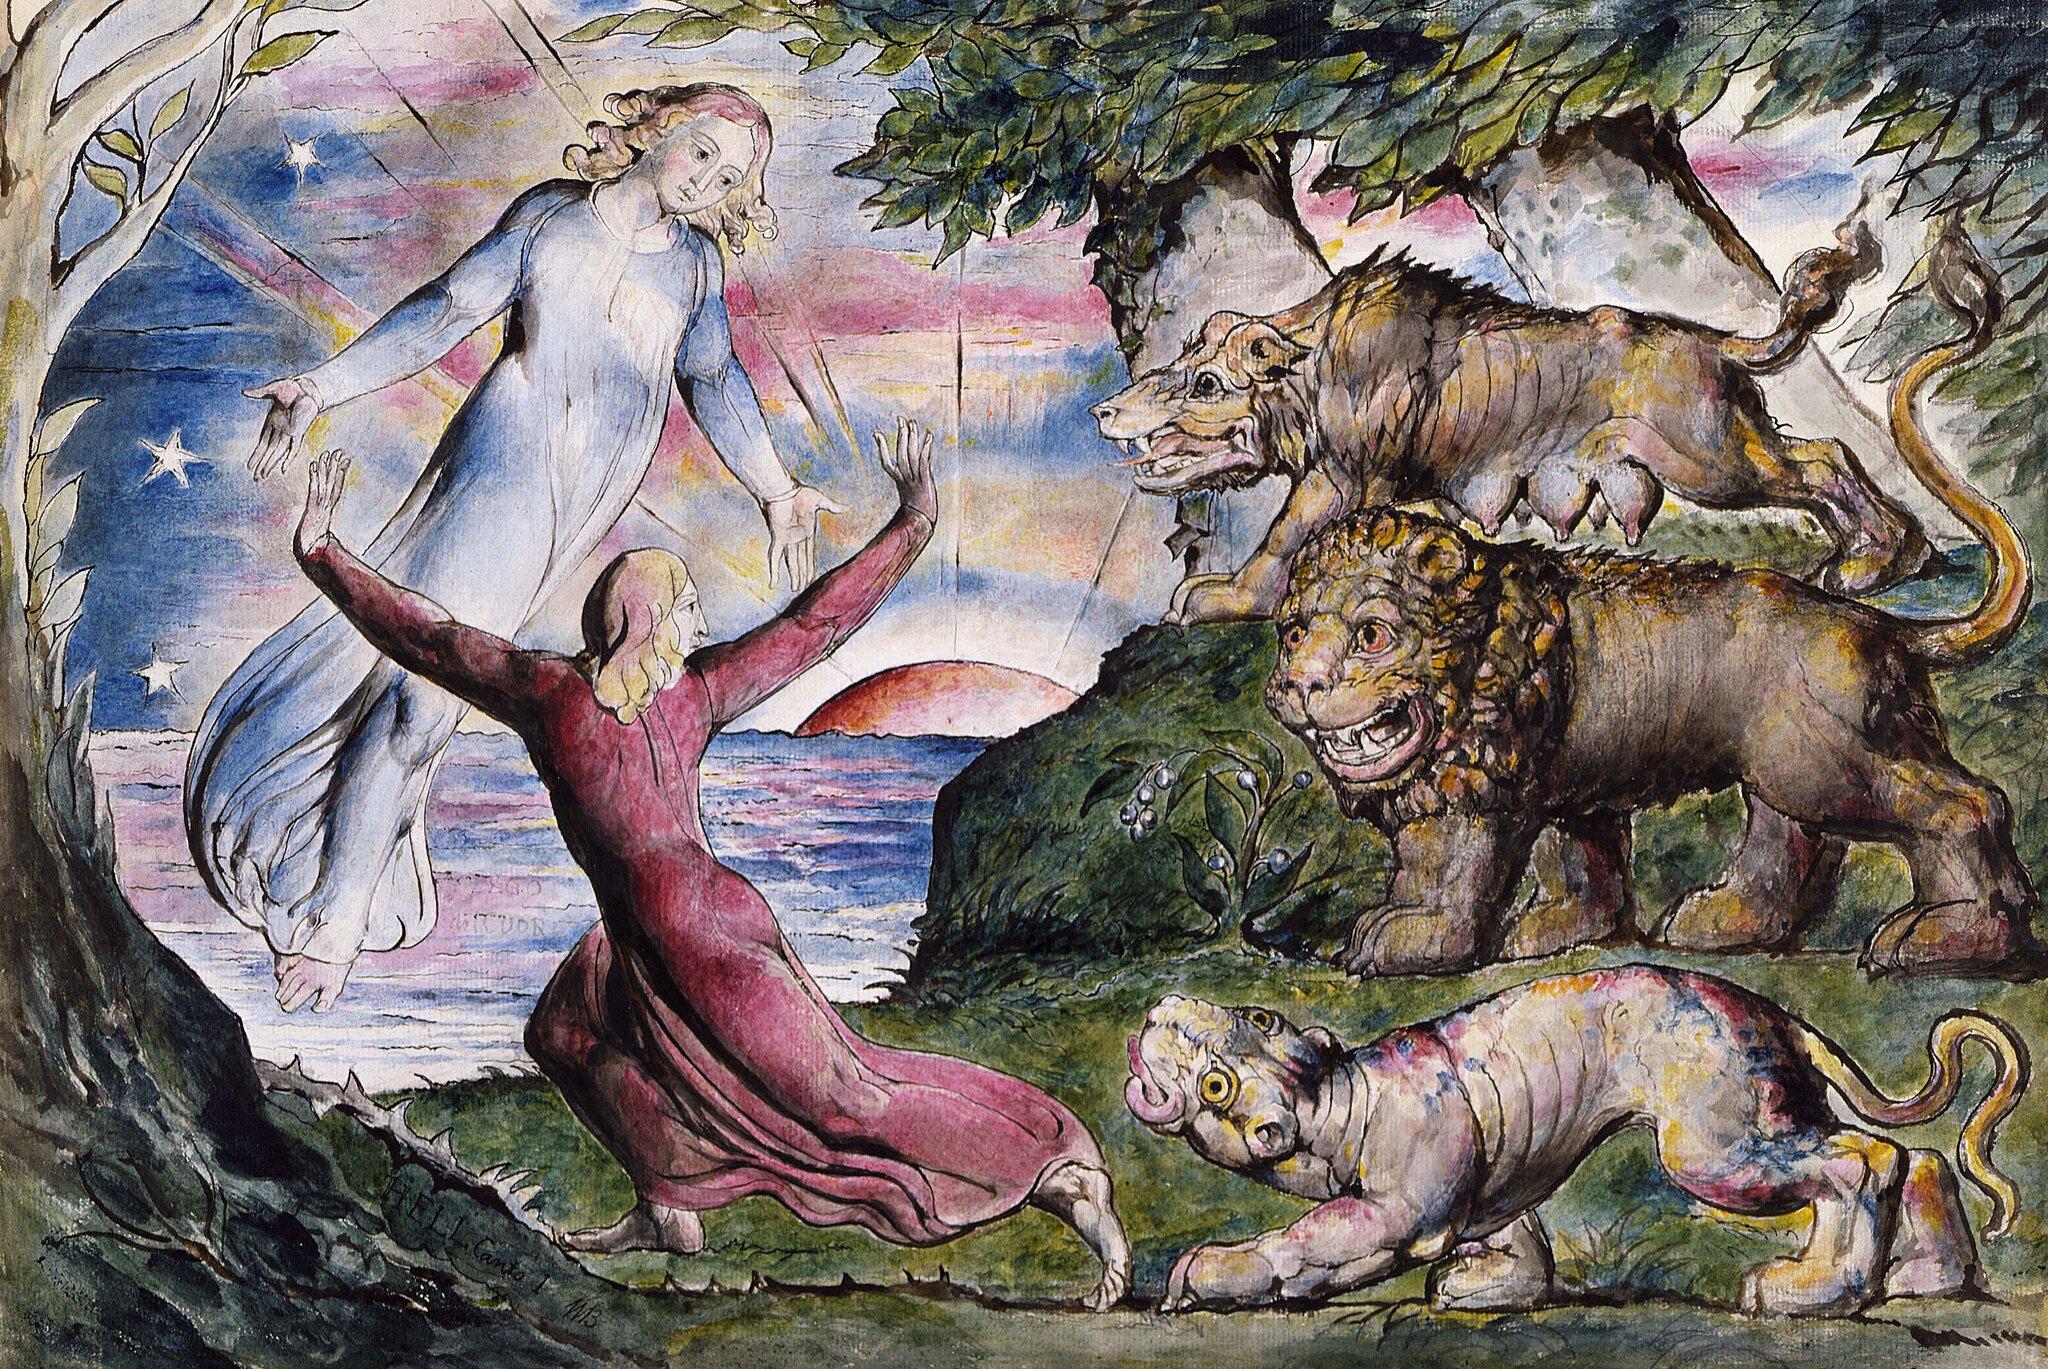 Ilustracja do Boskiej komedii Dantego Ilustracja do Boskiej komedii Dantego Źródło: William Blake, 1824-27, domena publiczna.